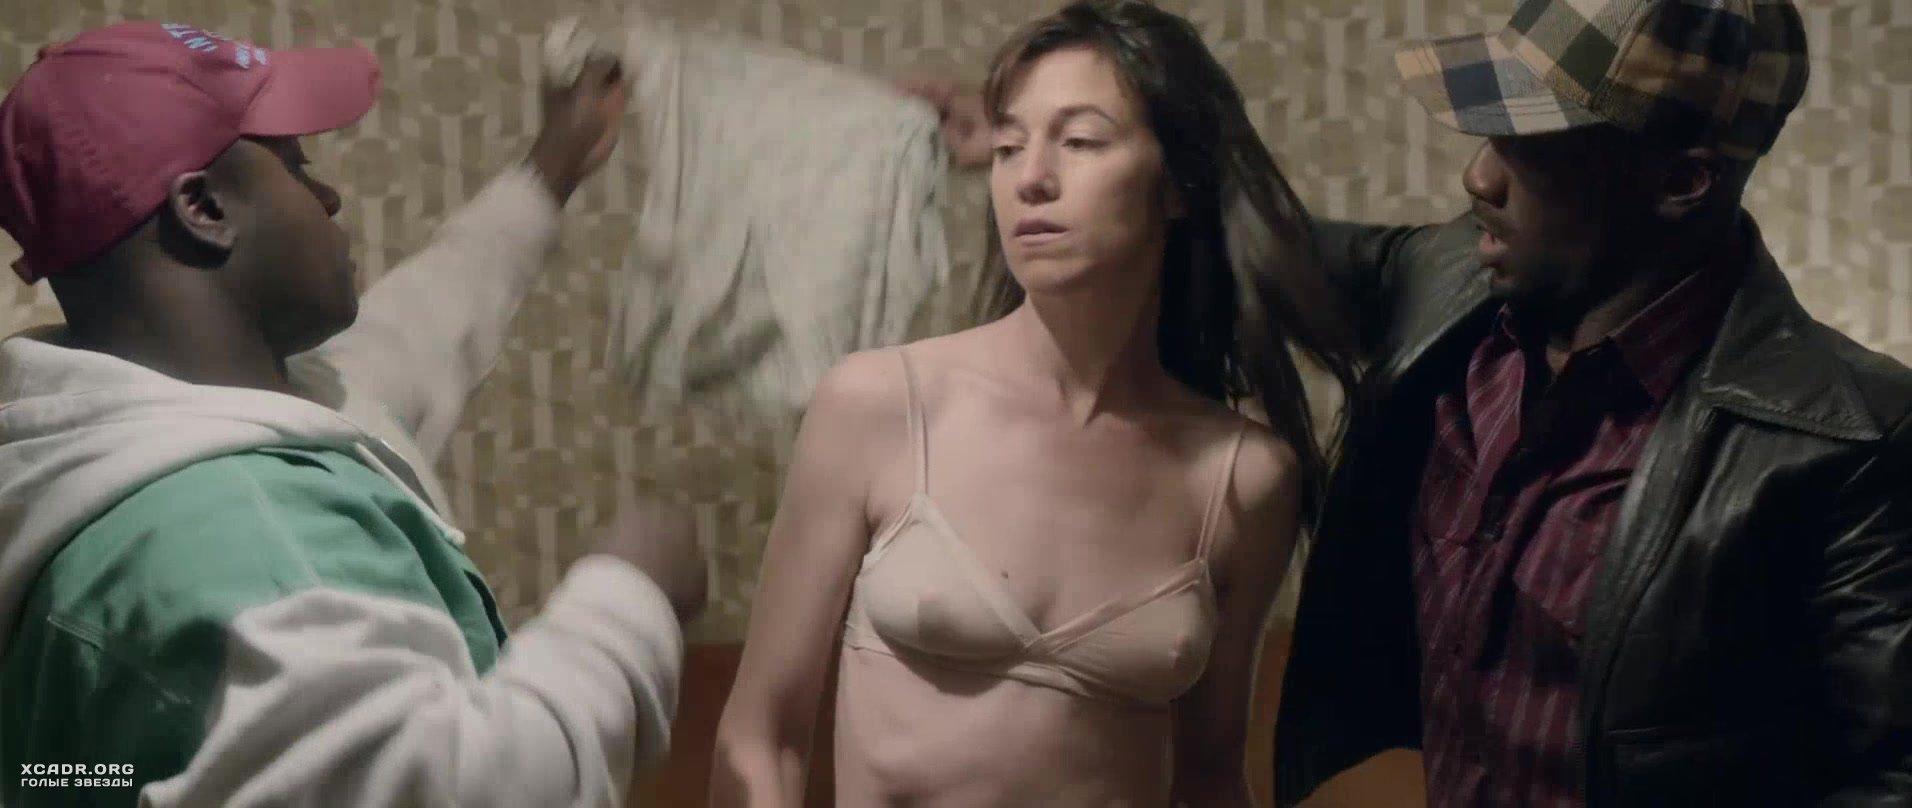 Смотреть порнуху секс маньякпопался в руки нимфоманке 8 фотография